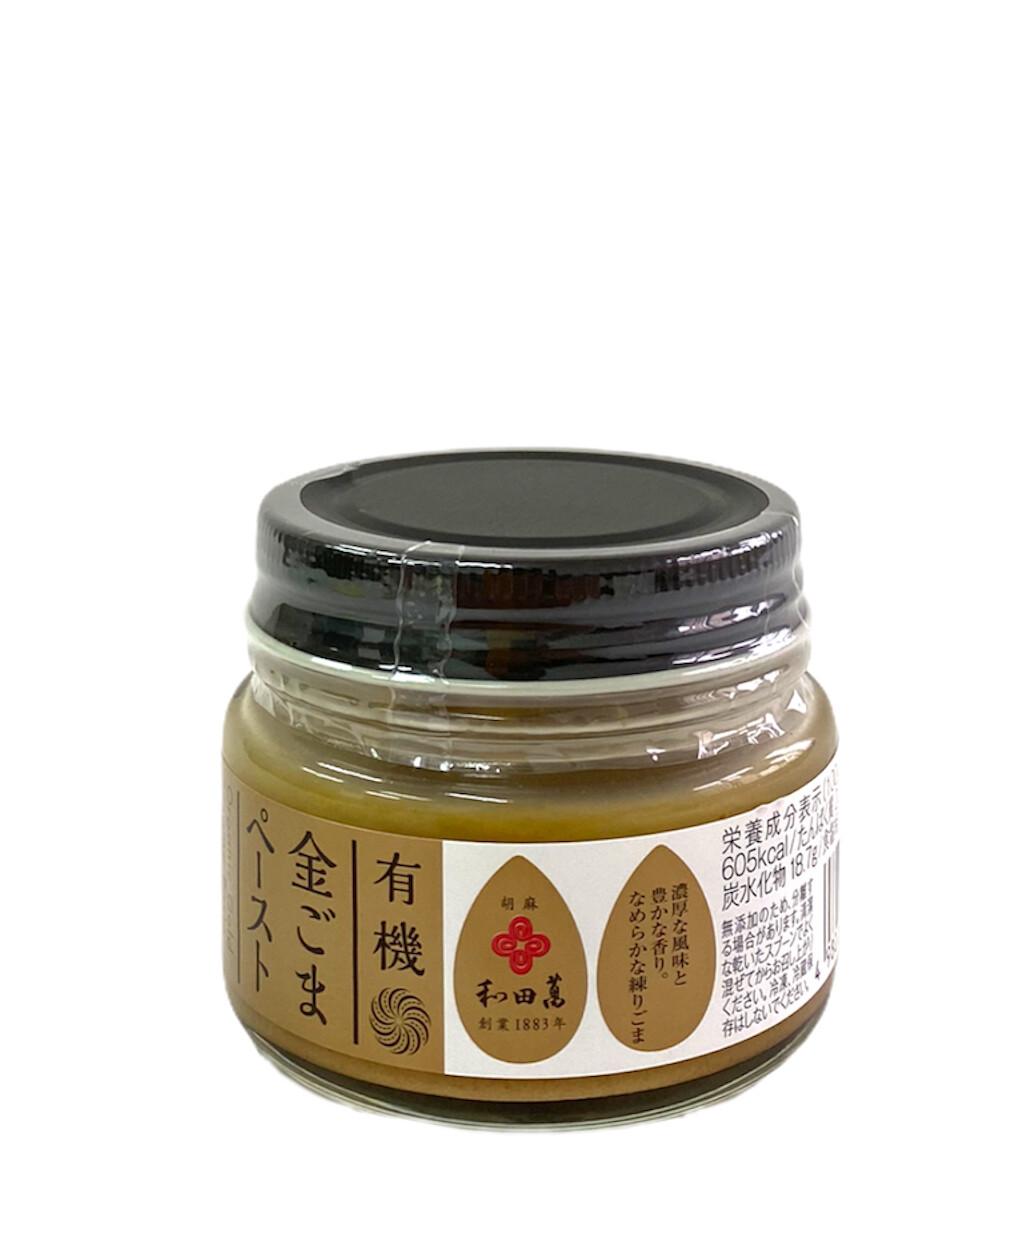 【和田萬】有機金芝麻醬 80g